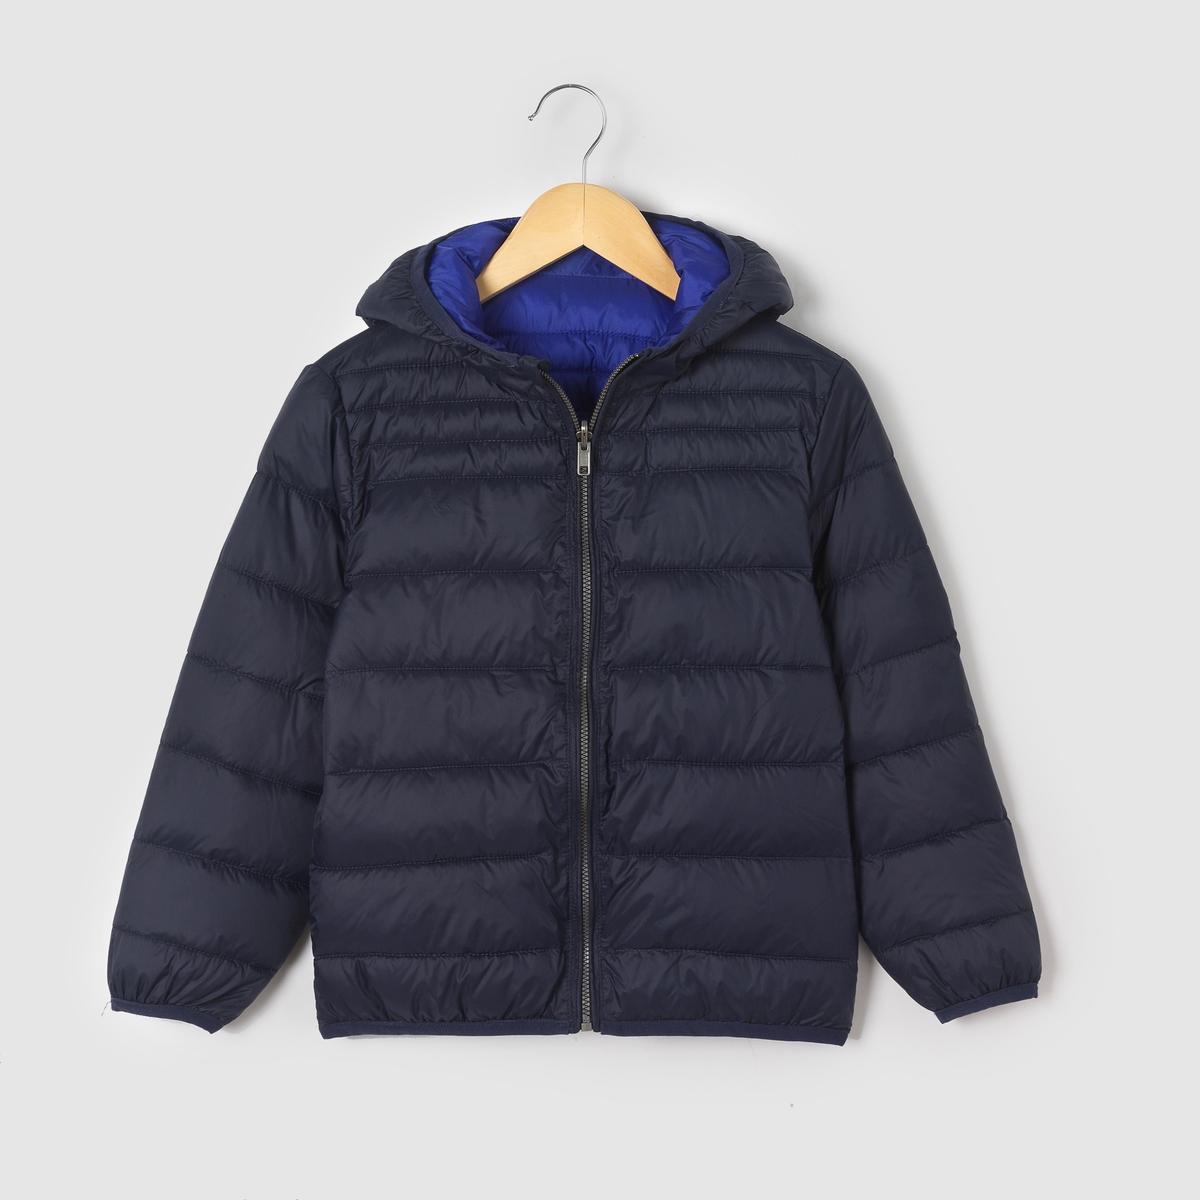 Куртка стеганая тонкая двухсторонняя с капюшоном, 3-12 летТонкая двухсторонняя стеганая куртка с капюшоном, на ватине и подкладке. Застежка на молнию. 2 кармана.             Состав и описание : Материал       100% переработанный полиэстер   Подкладка     100% переработанный полиэстерМарка        R essentiel  Уход :Машинная стирка при 30 °C с вещами схожих цветов.Стирать, предварительно вывернув наизнанку.Машинная сушка в умеренном режиме.Не гладить.<br><br>Цвет: камуфляж,темно-синий,черный/бордовый<br>Размер: 3 года - 94 см.8 лет - 126 см.10 лет - 138 см.12 лет -150 см.12 лет -150 см.8 лет - 126 см